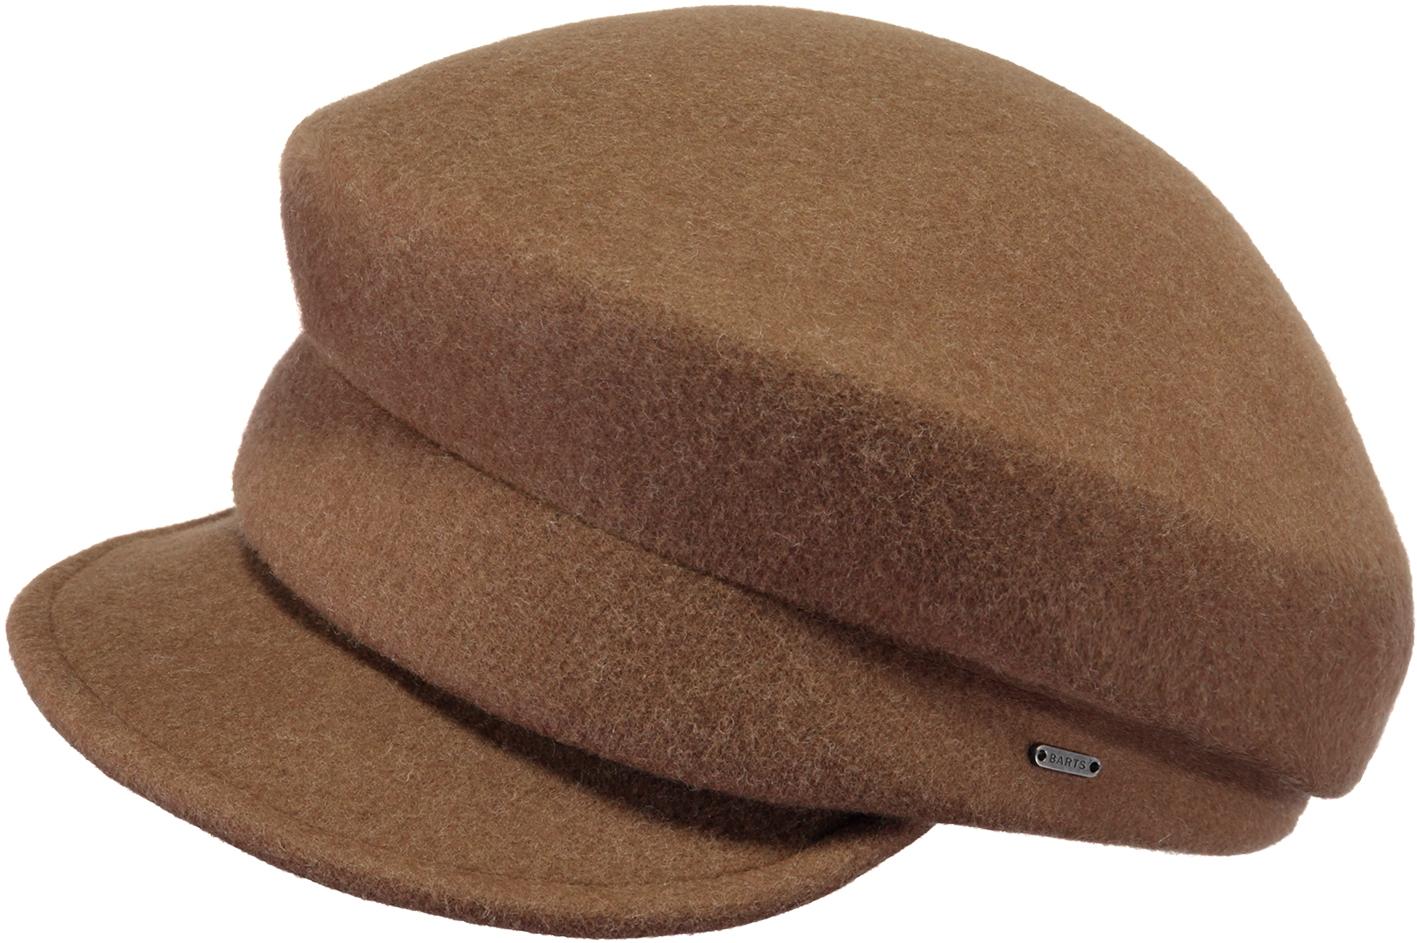 Barts Cap Pollypeach 4549 braun Gr.S/M